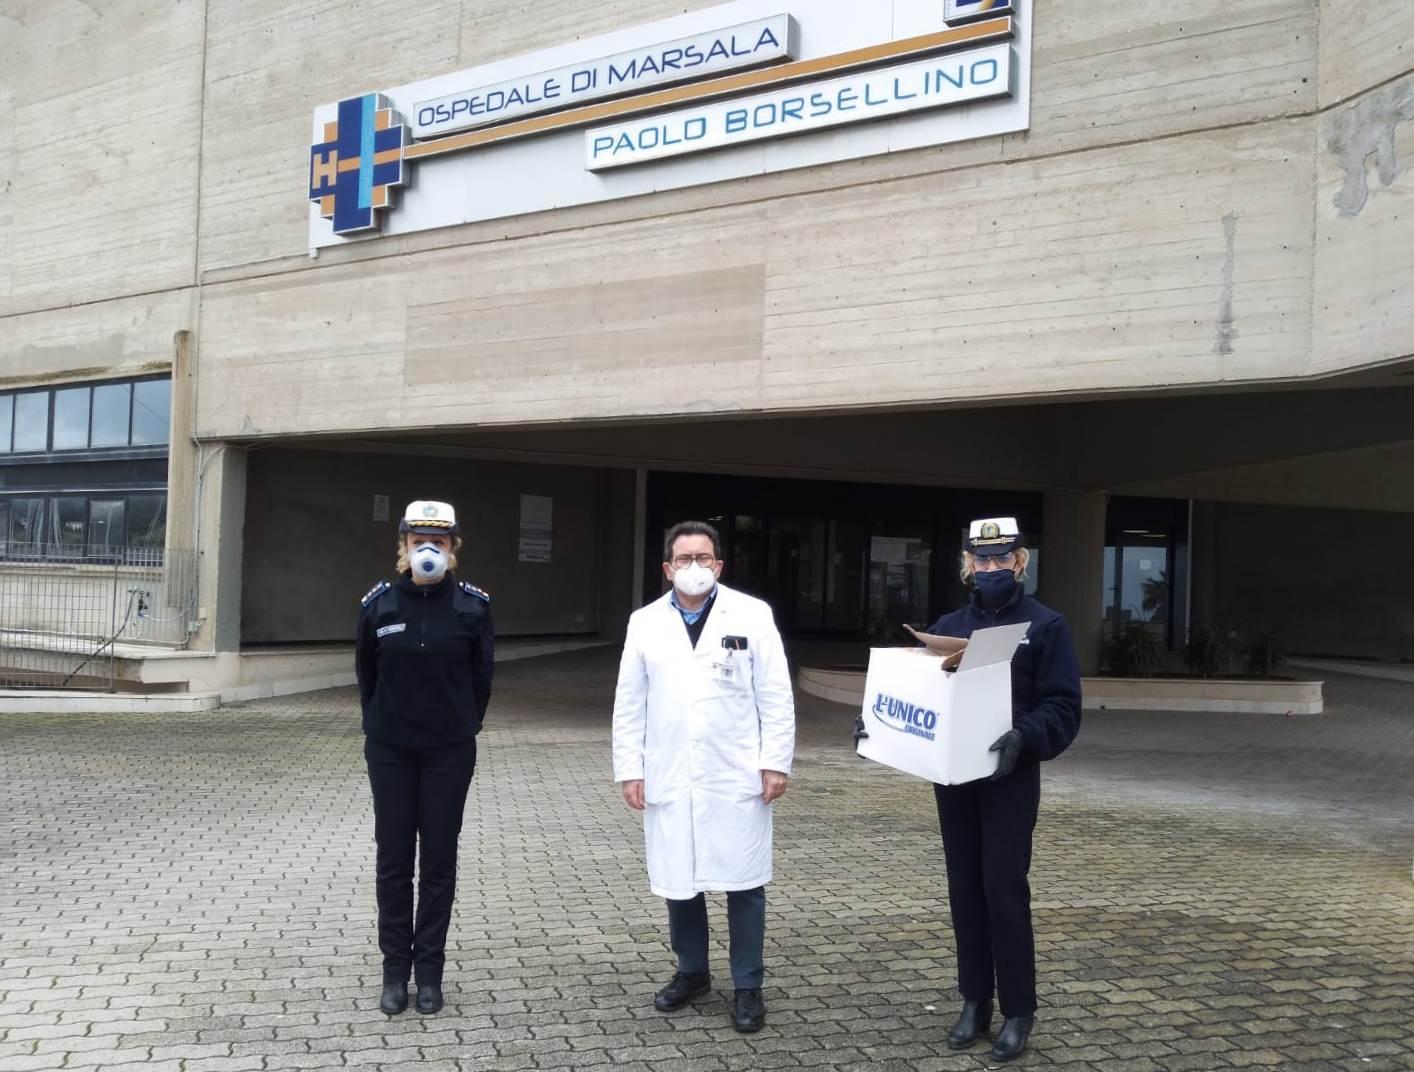 Polizia Municipale Marsala, visiere e tute Ospedale Paolo Borsellino (2)